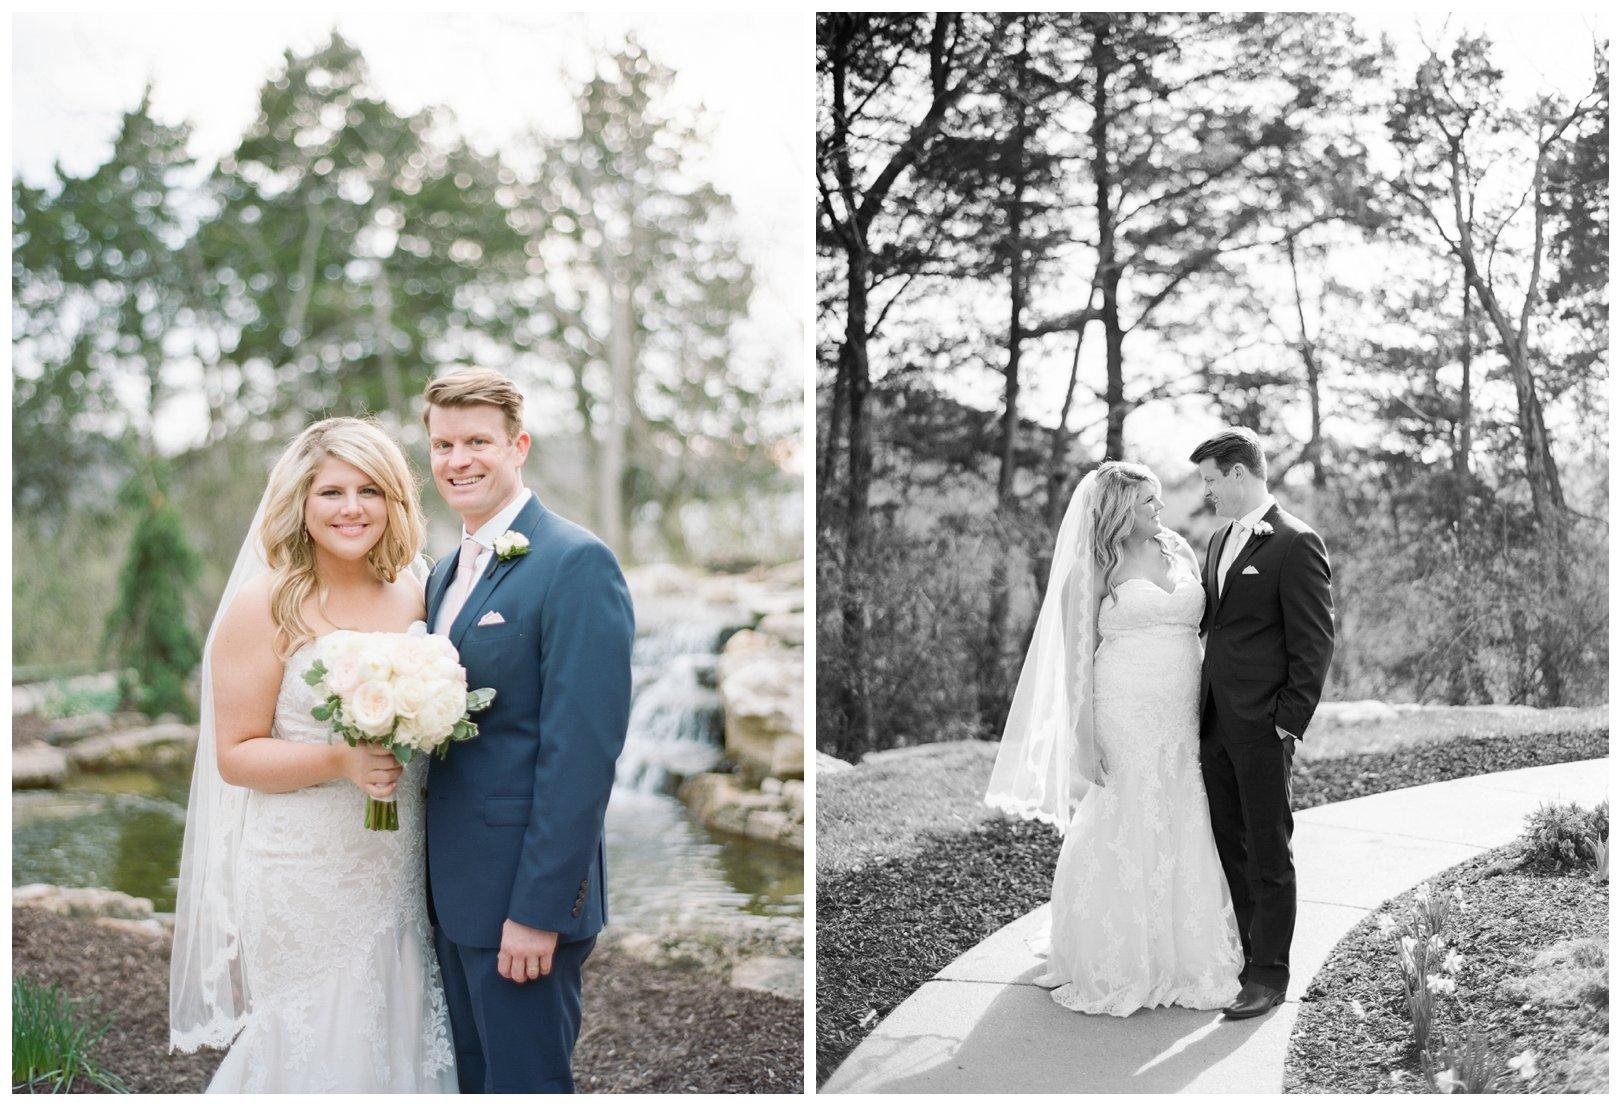 lauren muckler photography_fine art film wedding photography_st louis_photography_0975.jpg